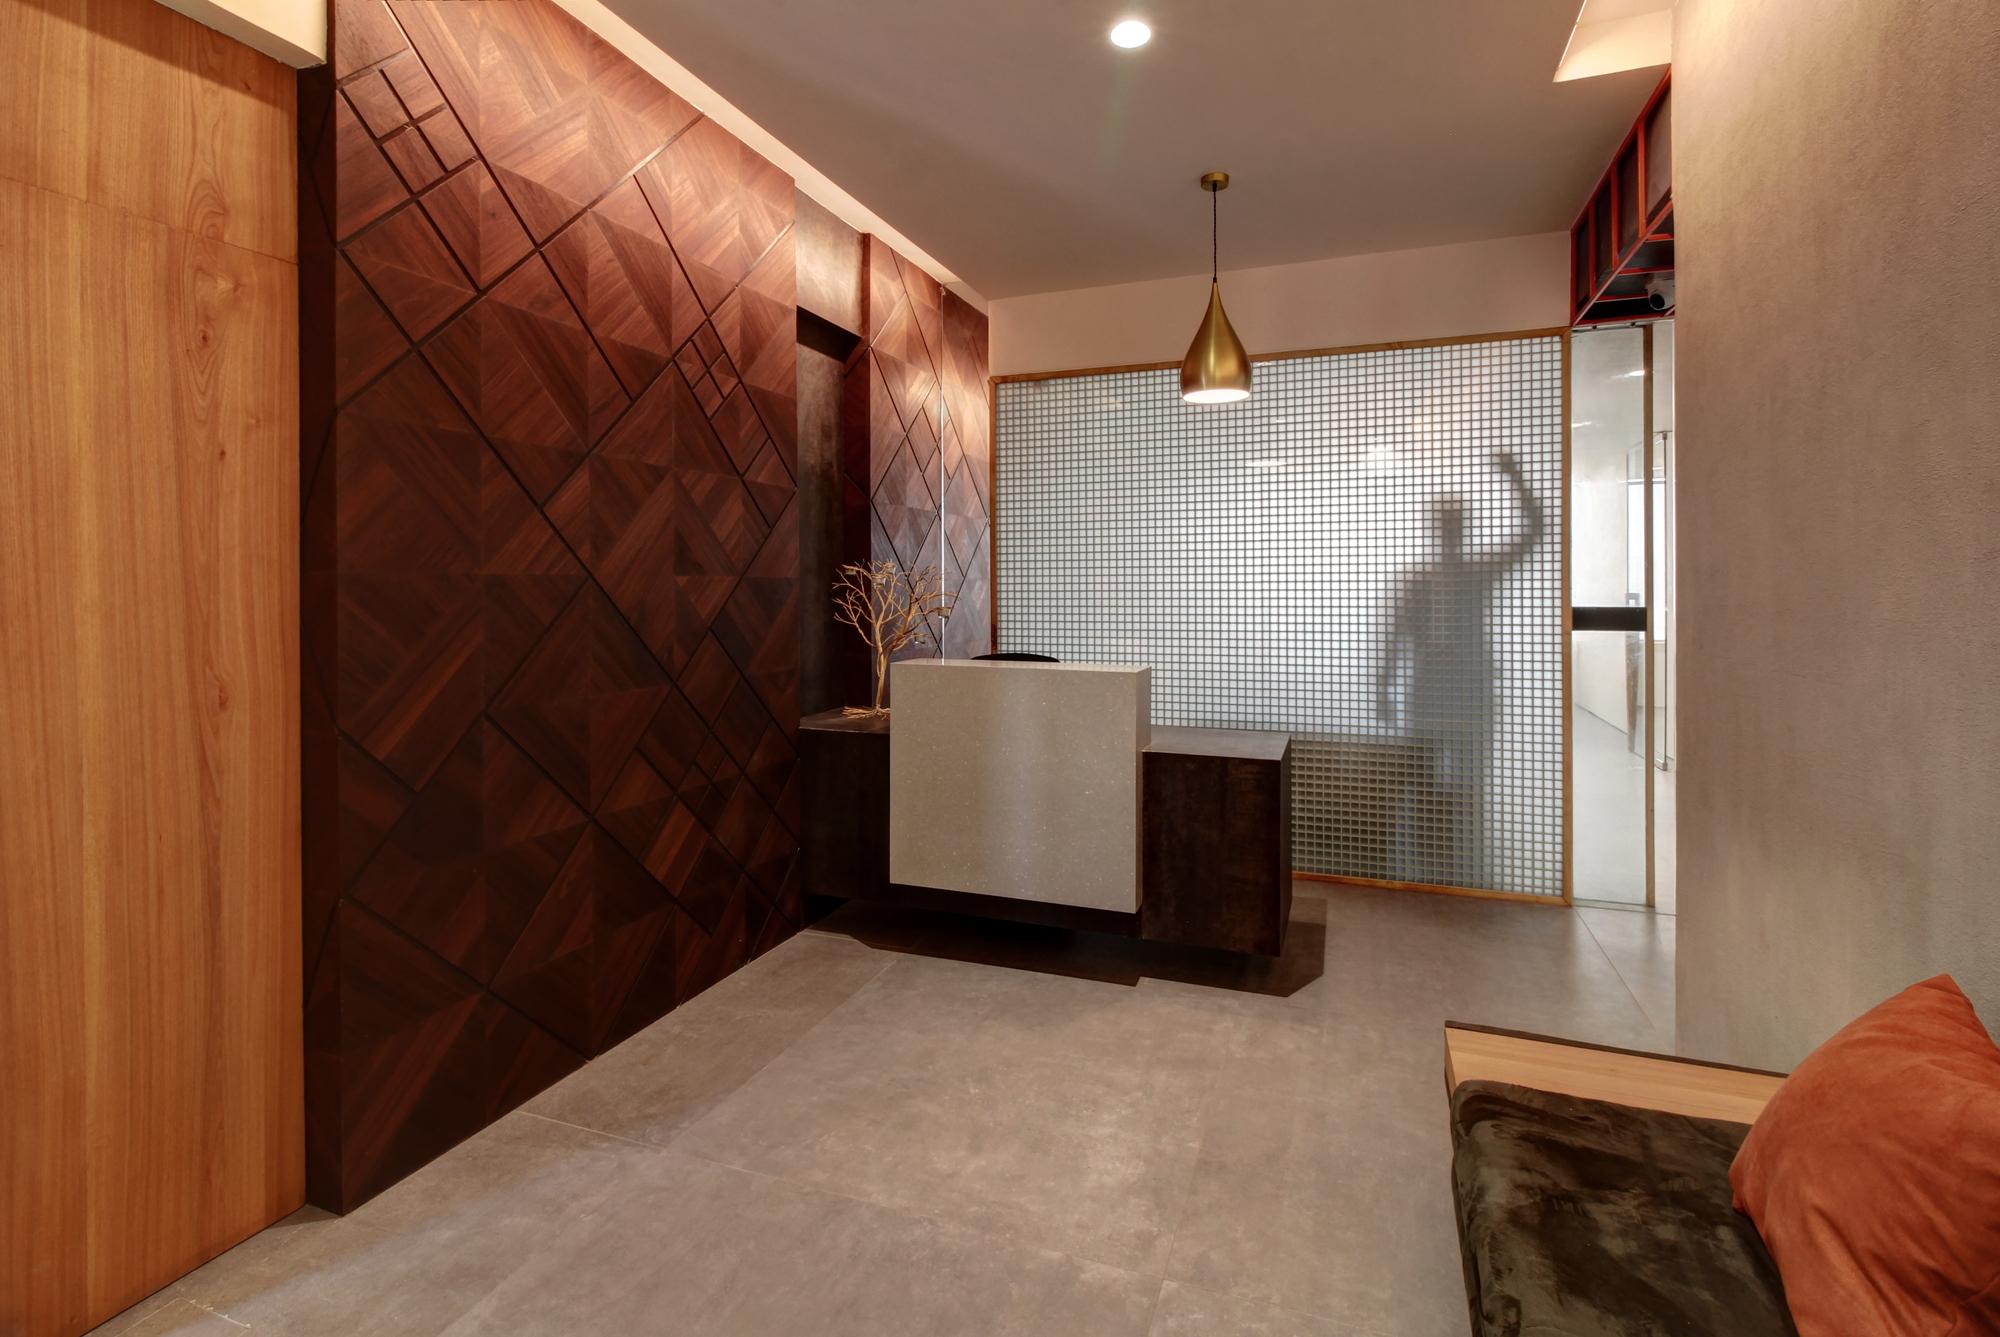 vijayshree office